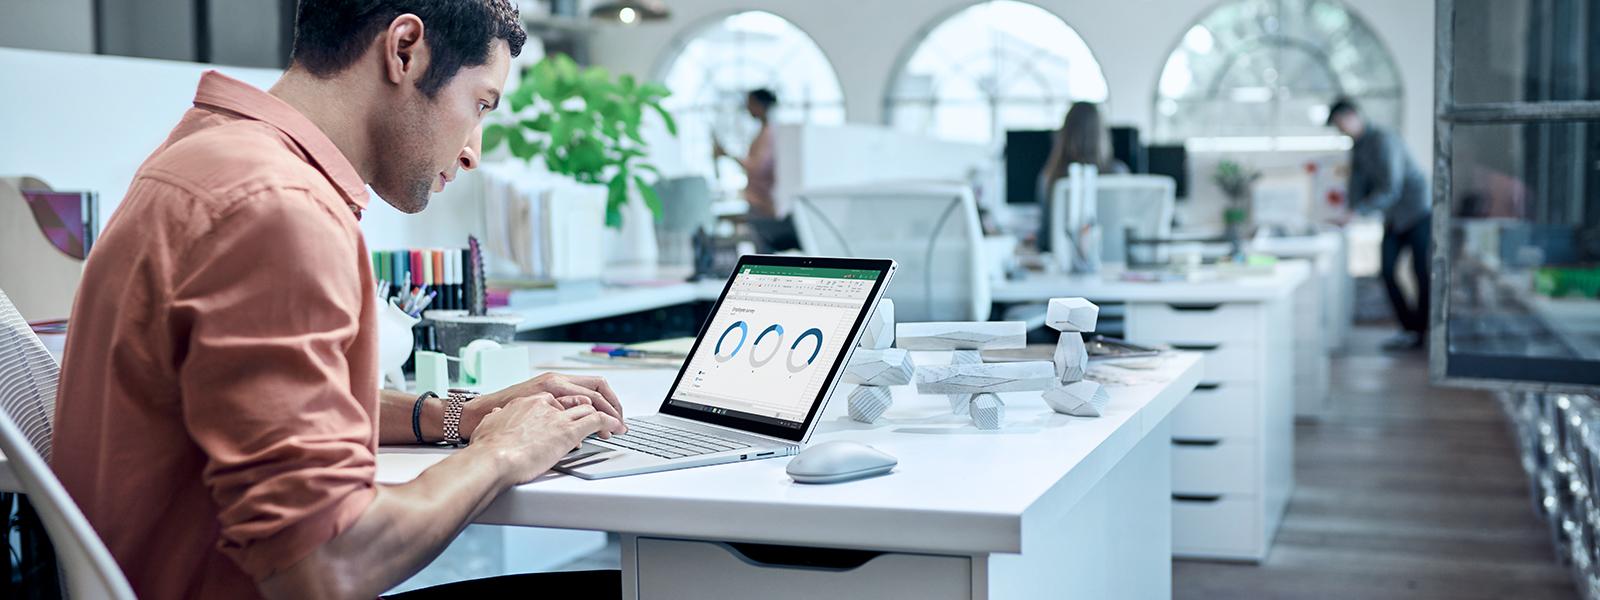 Mann überprüft Tabellen auf Laptop